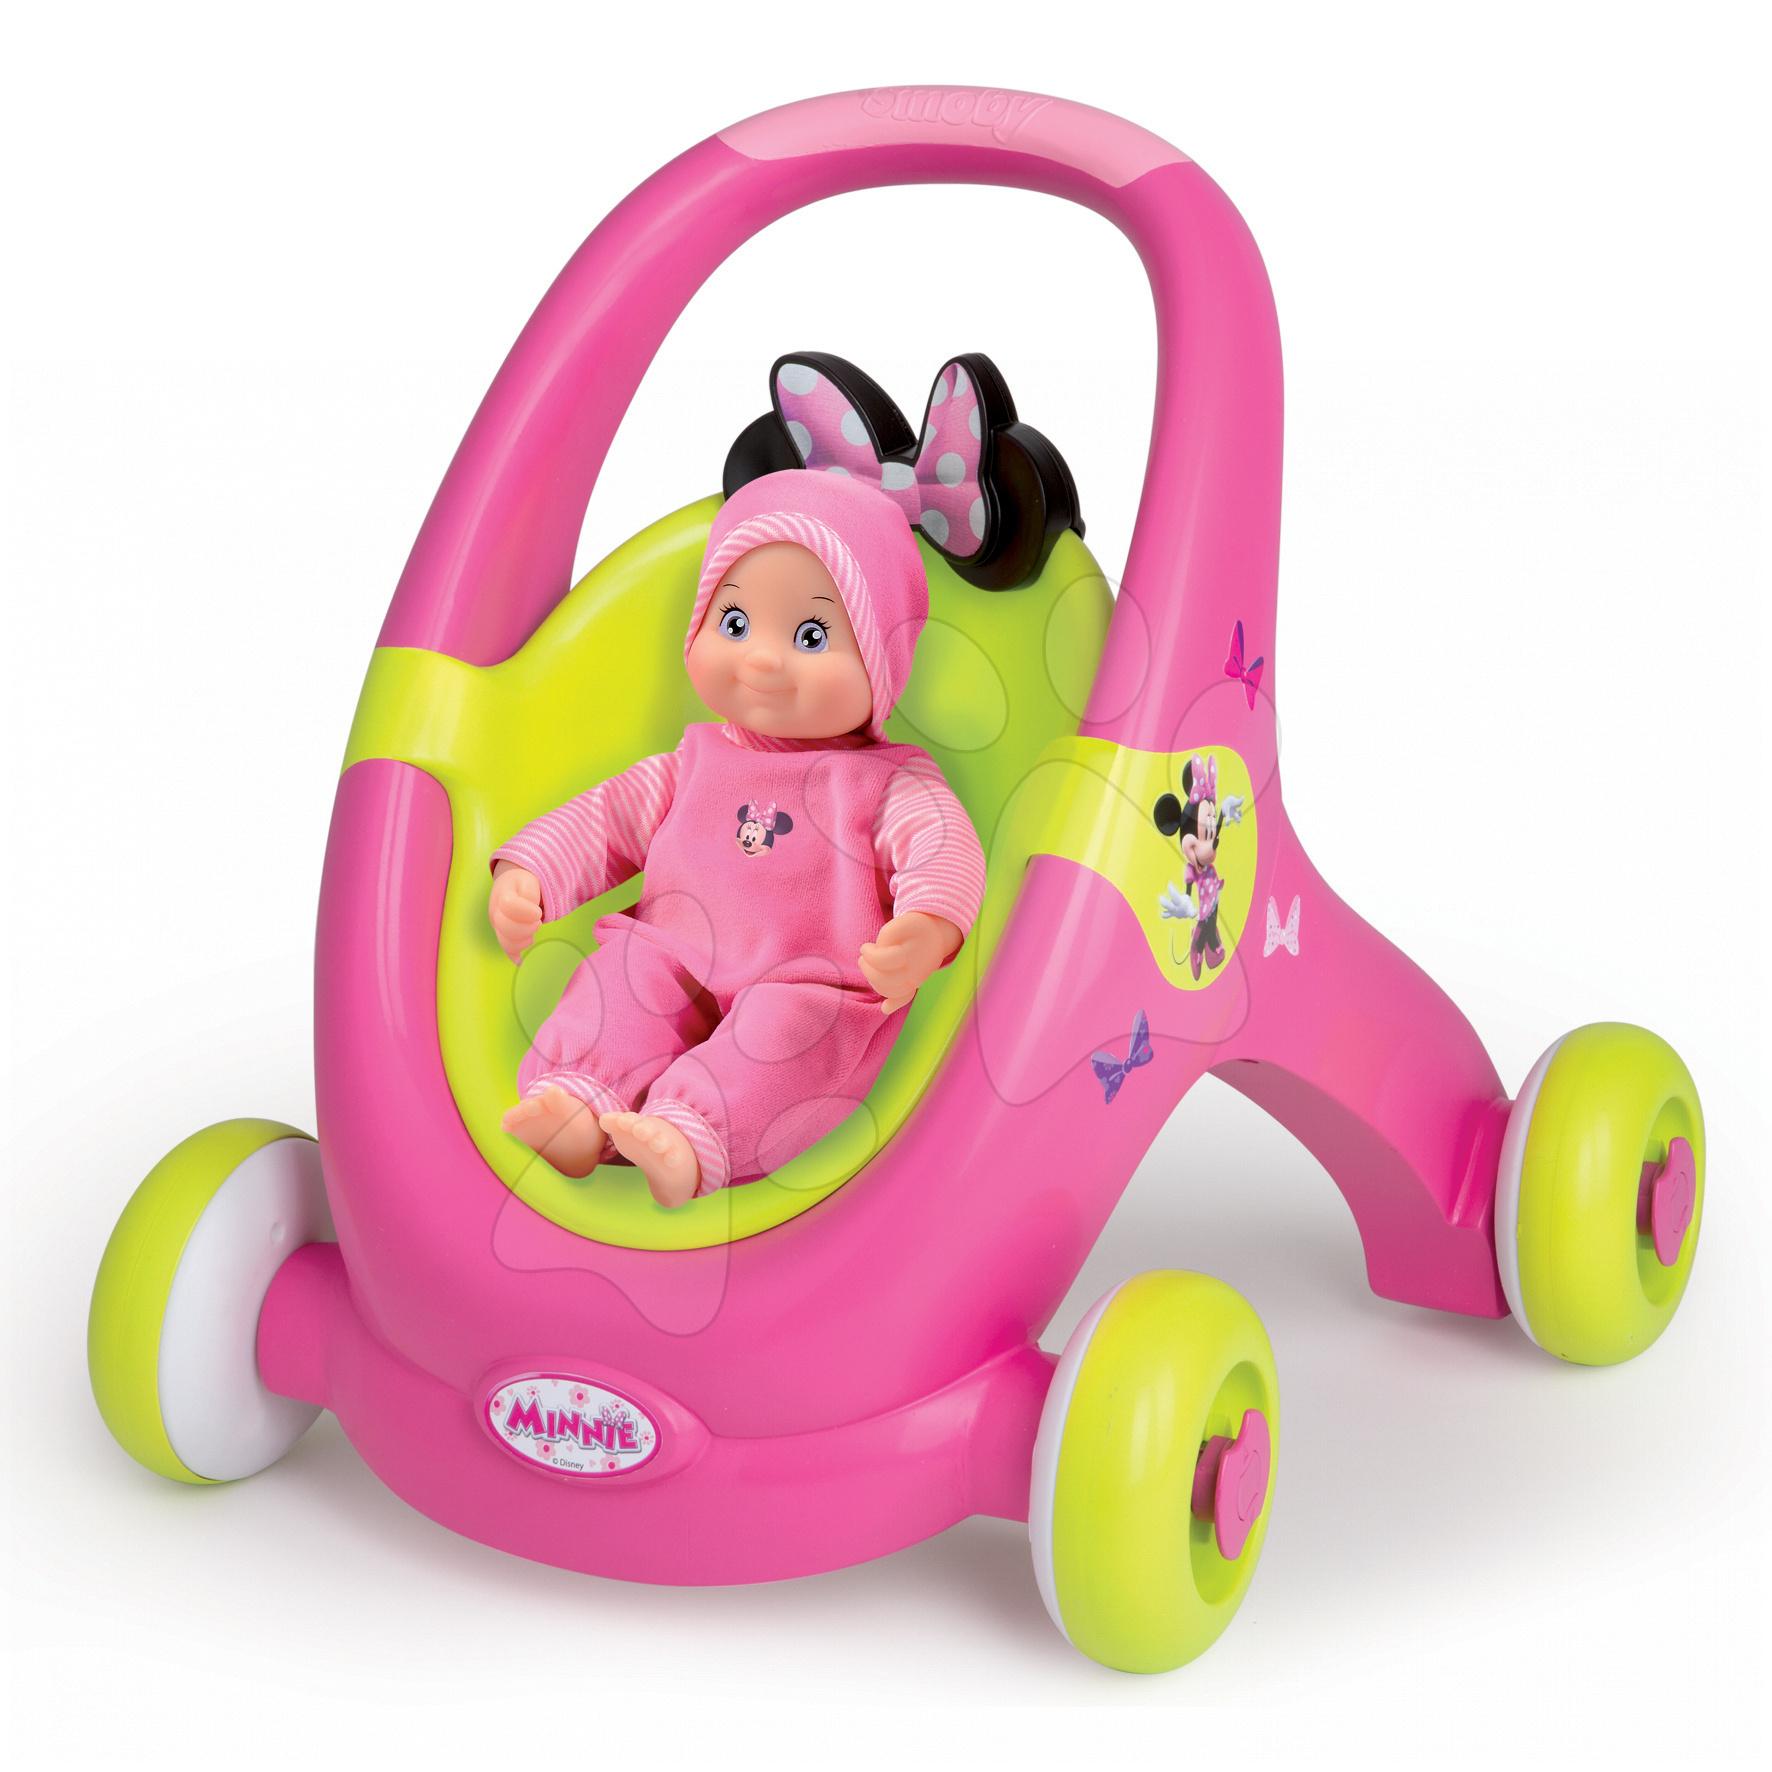 Chodítko a kočárek Minnie pro panenku Smoby od 12 měsíců